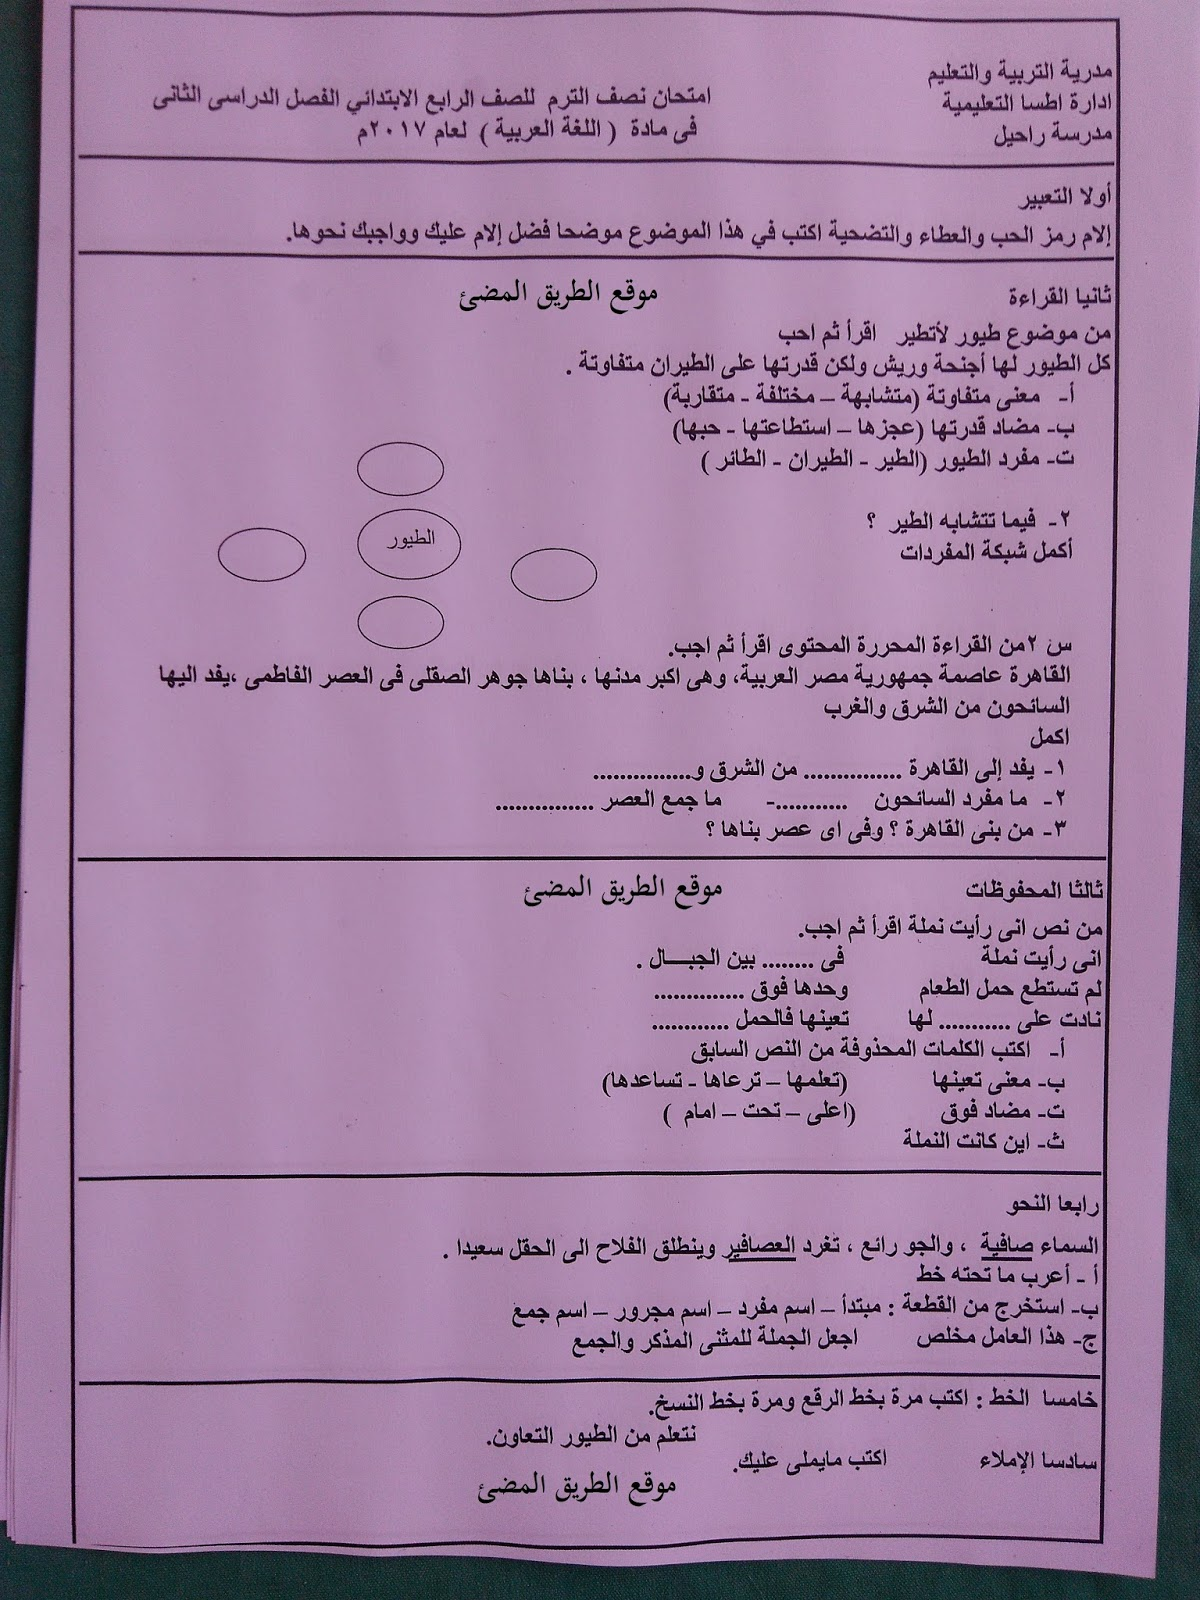 امتحان ميد الترم للصف الرابع الابتدائي في اللغة العربية الترم الثاني امتحان عربى نصف الترم رابعة ابتدائى